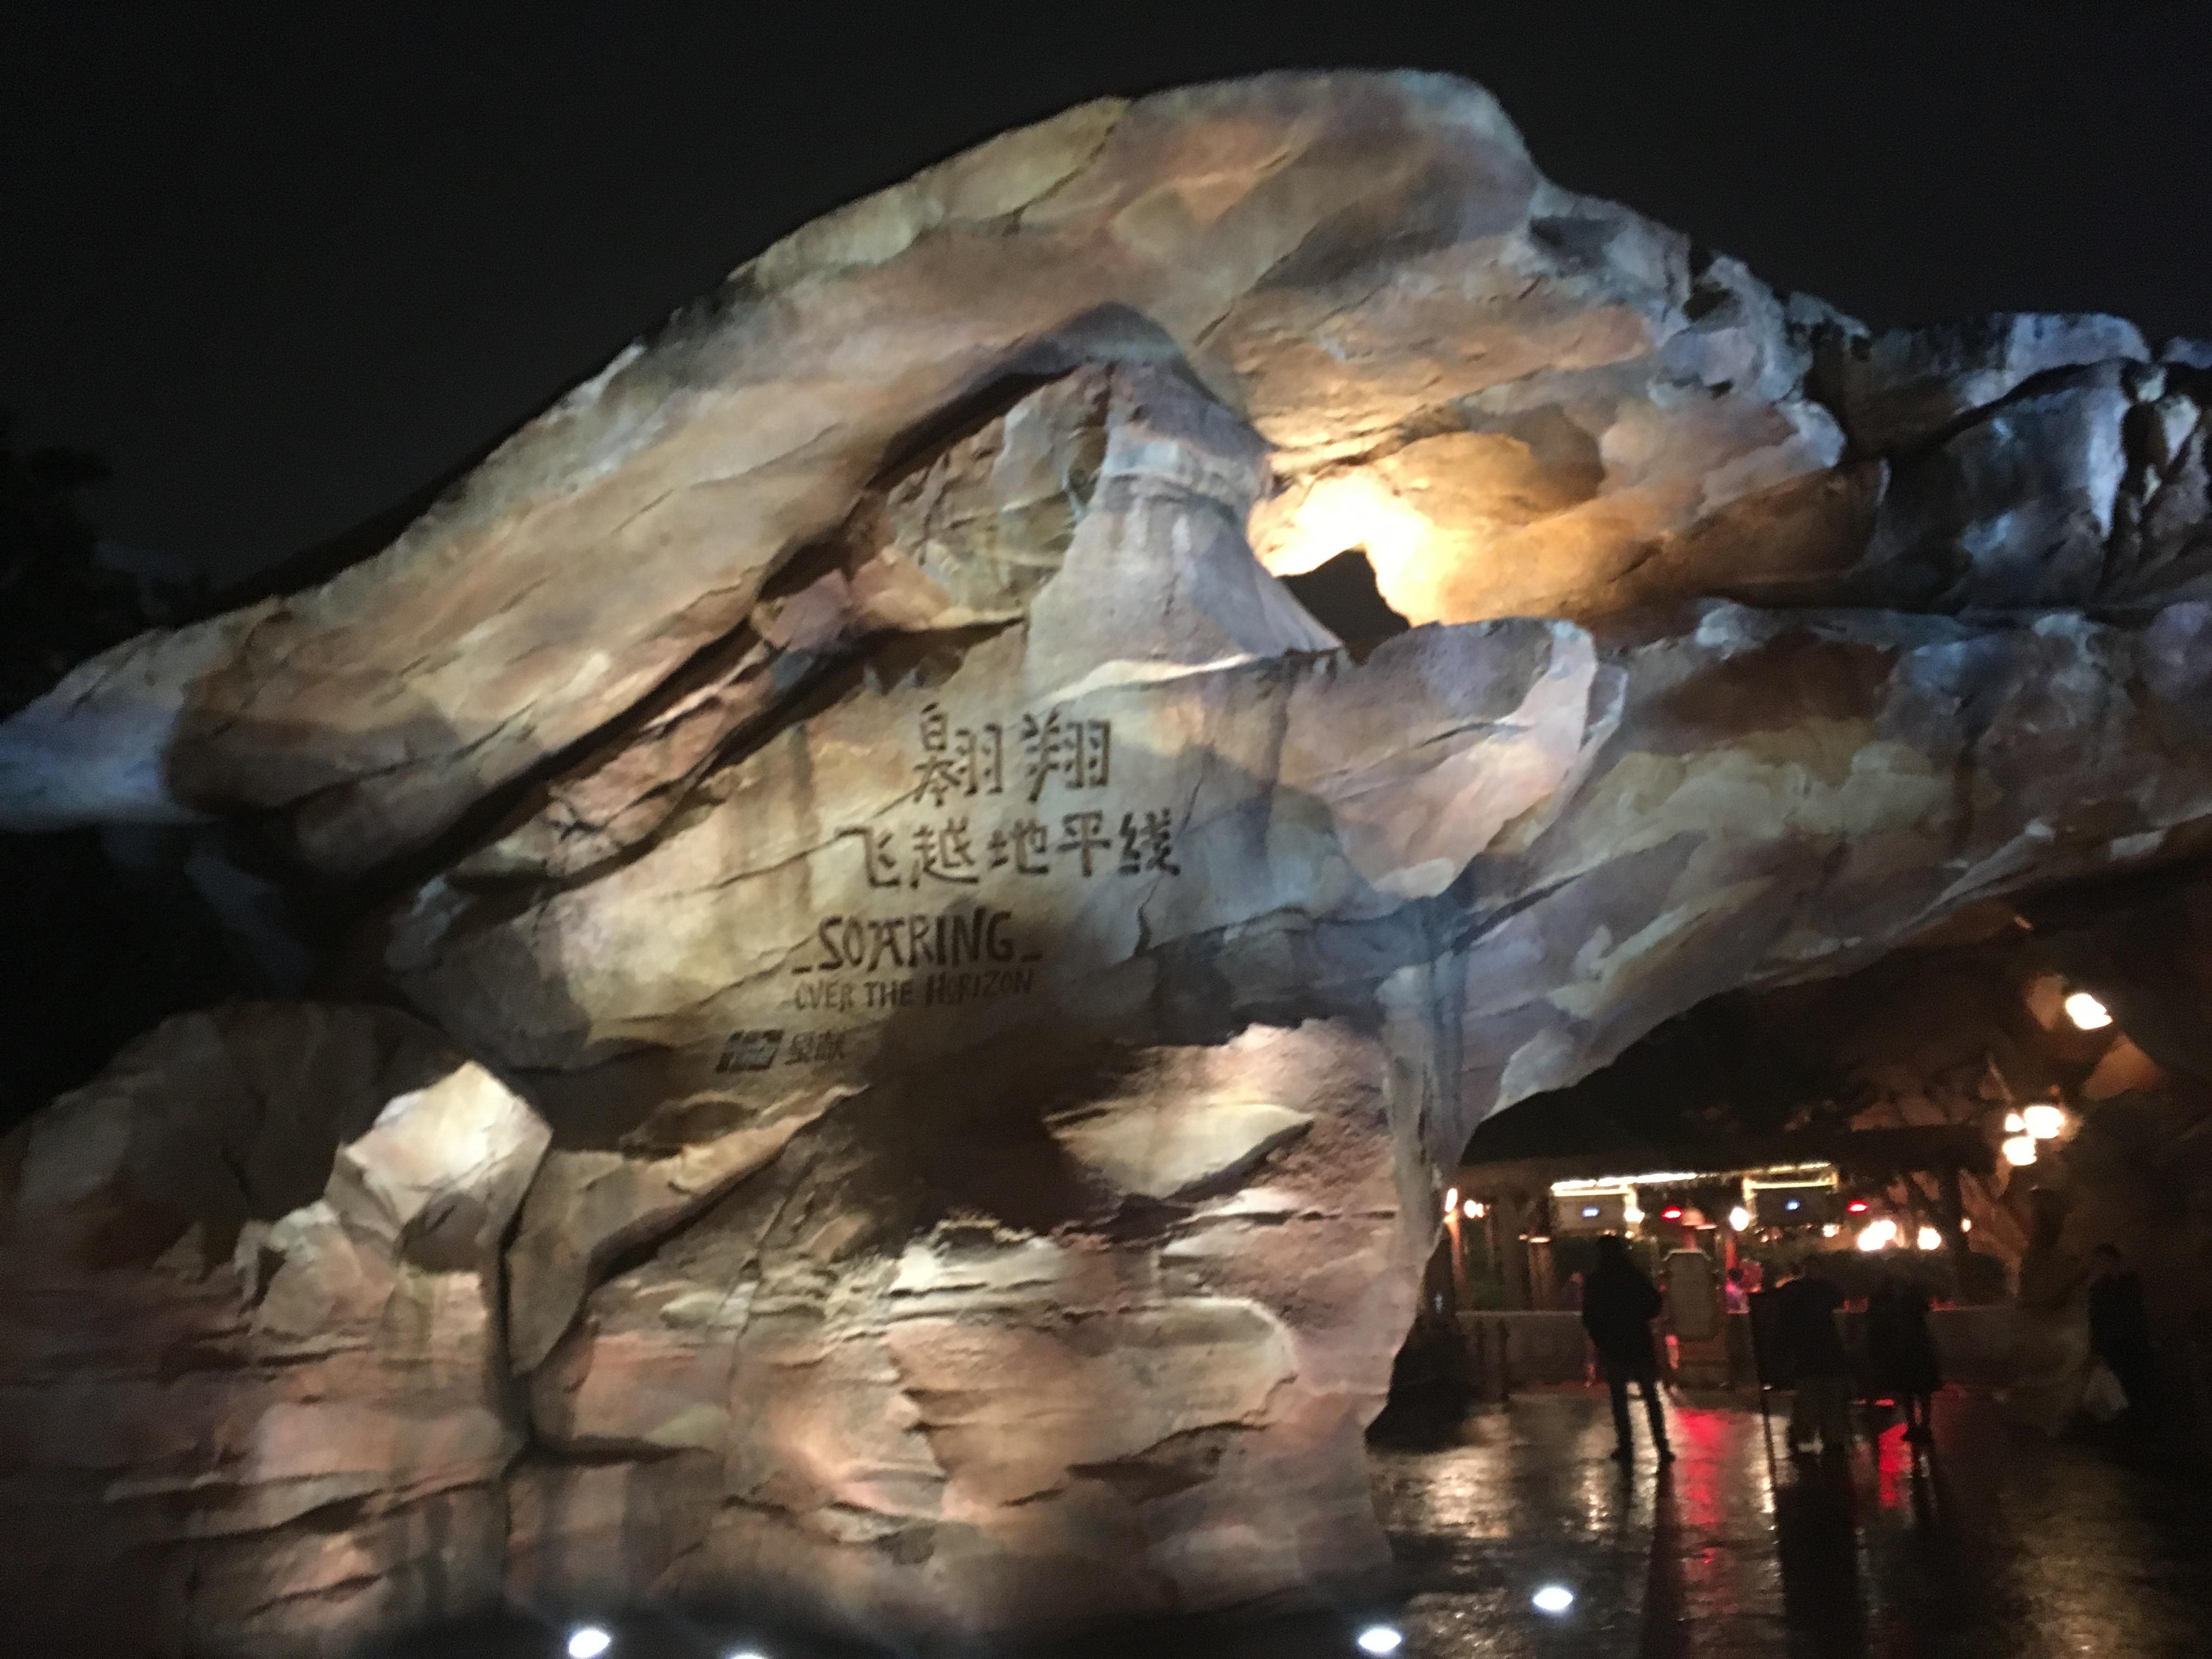 上海ディズニーランドソアリン